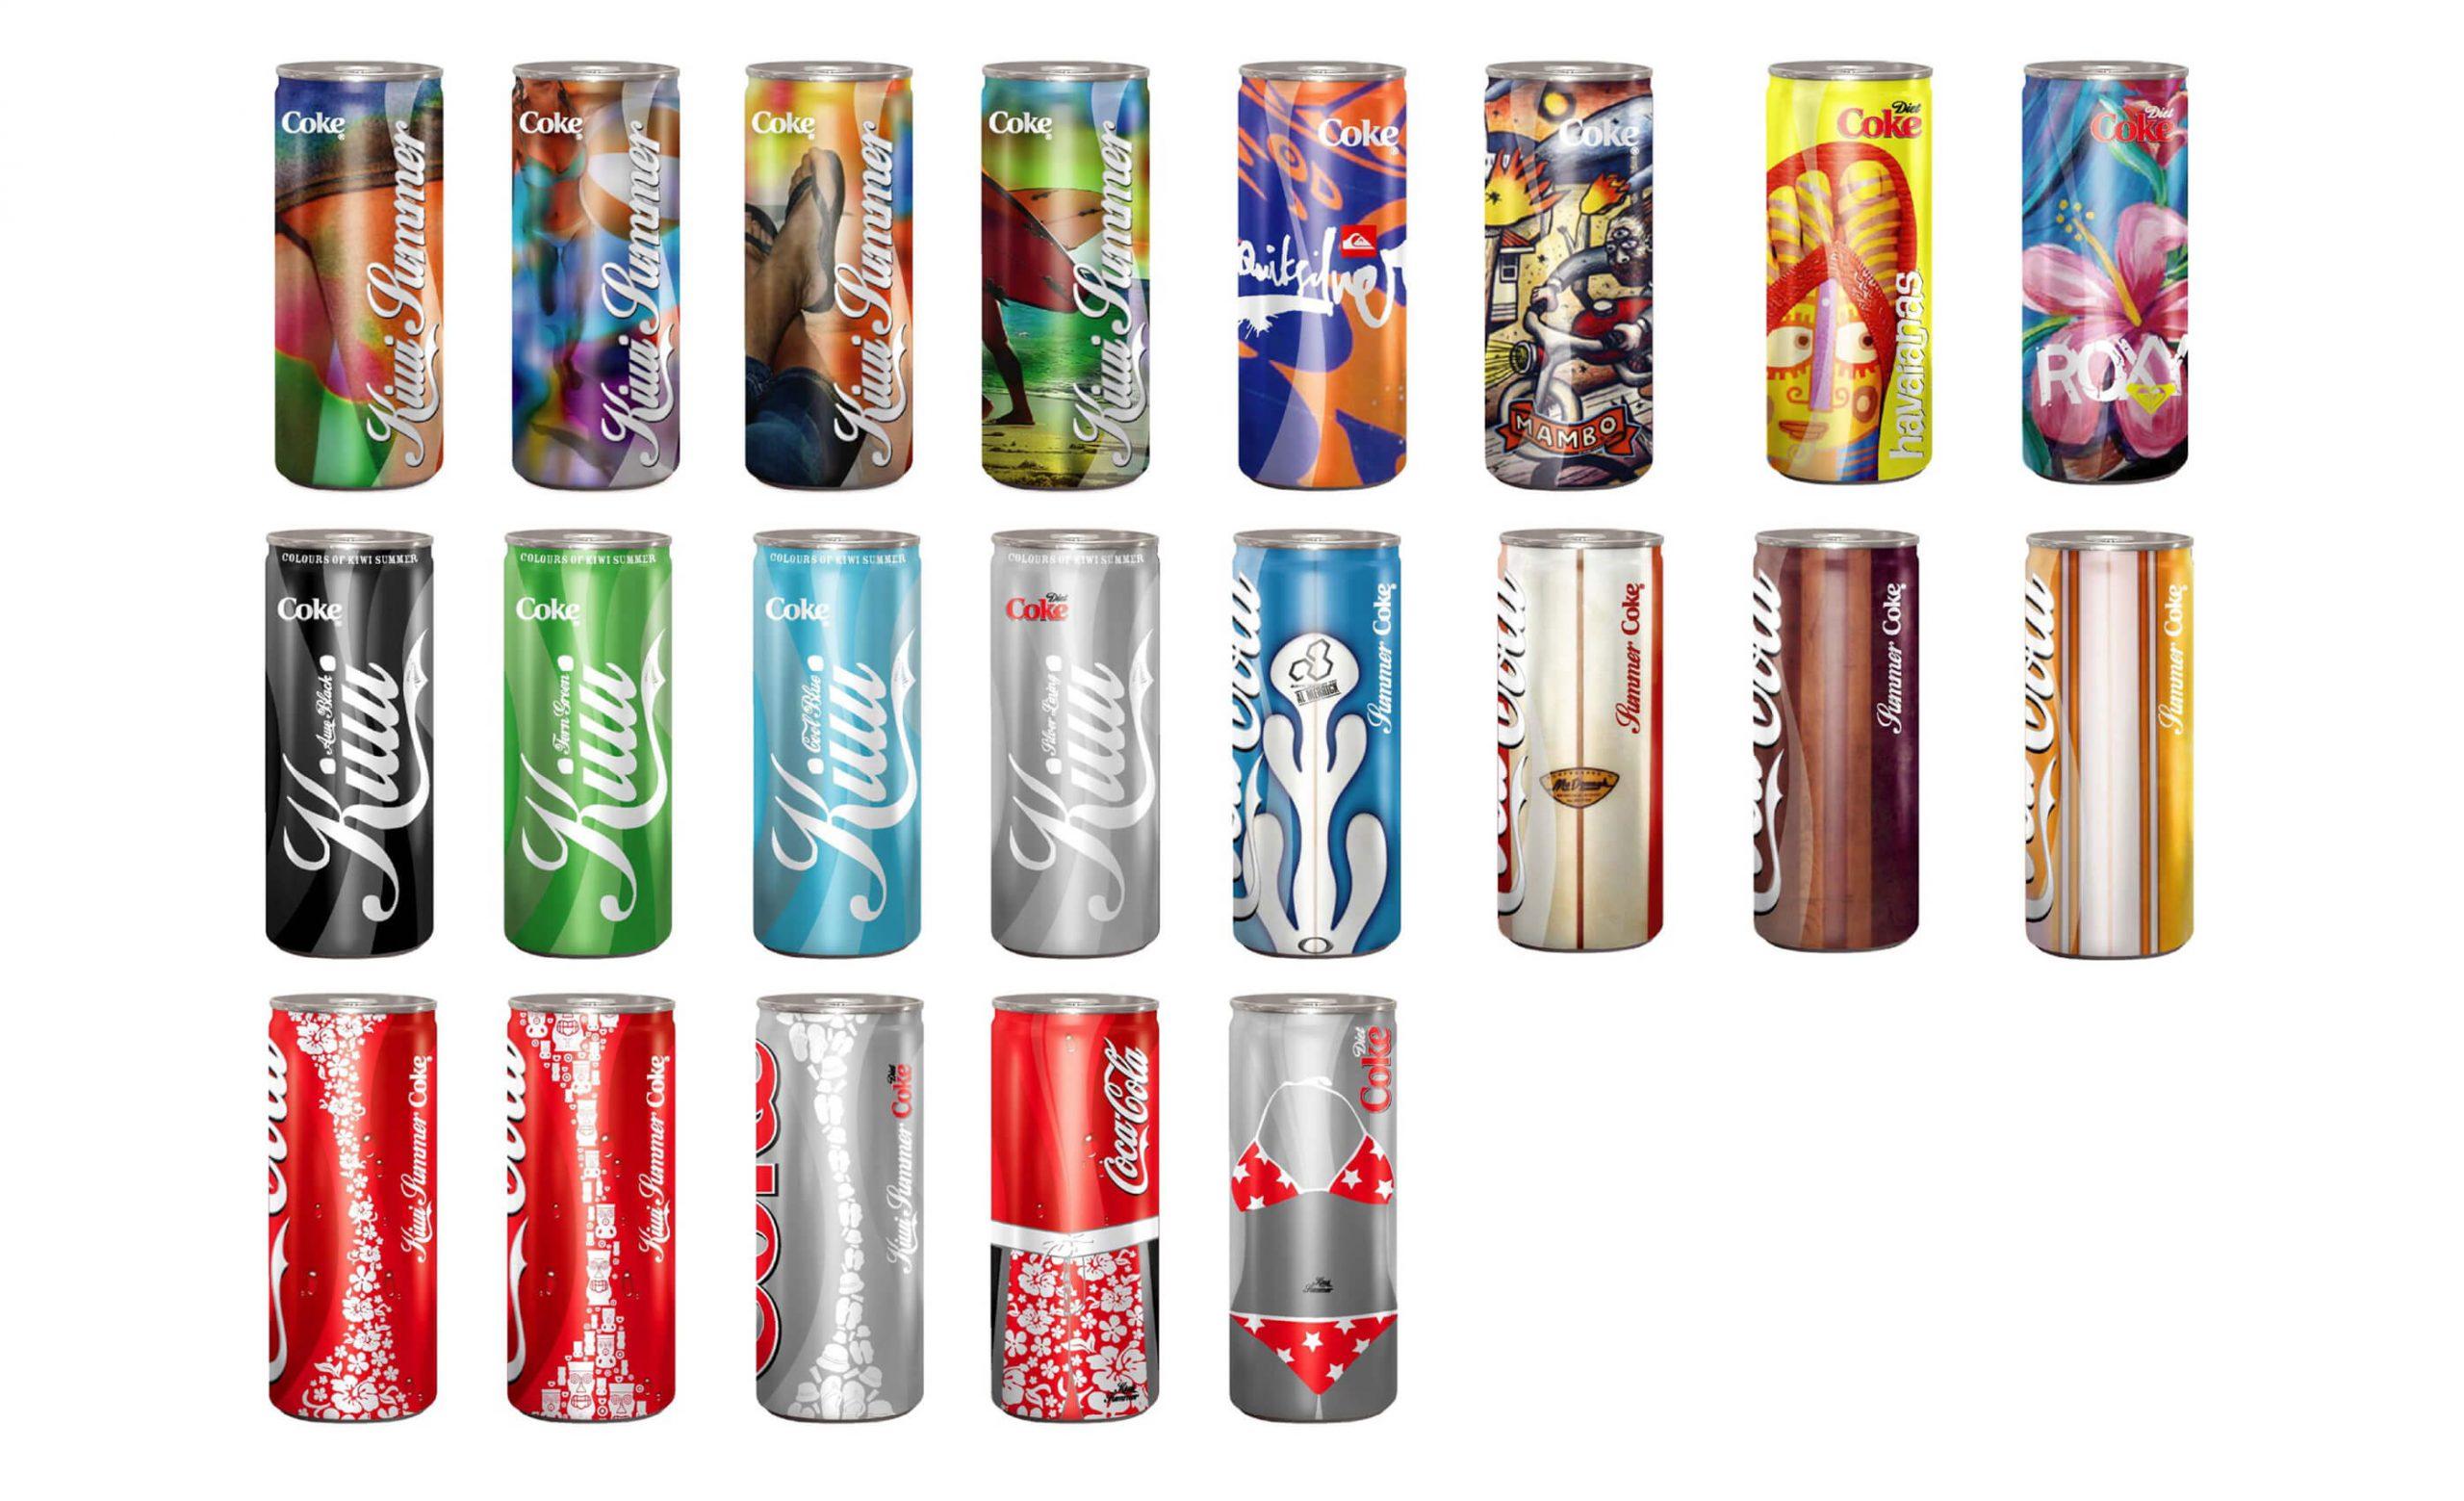 Archive-Coke1